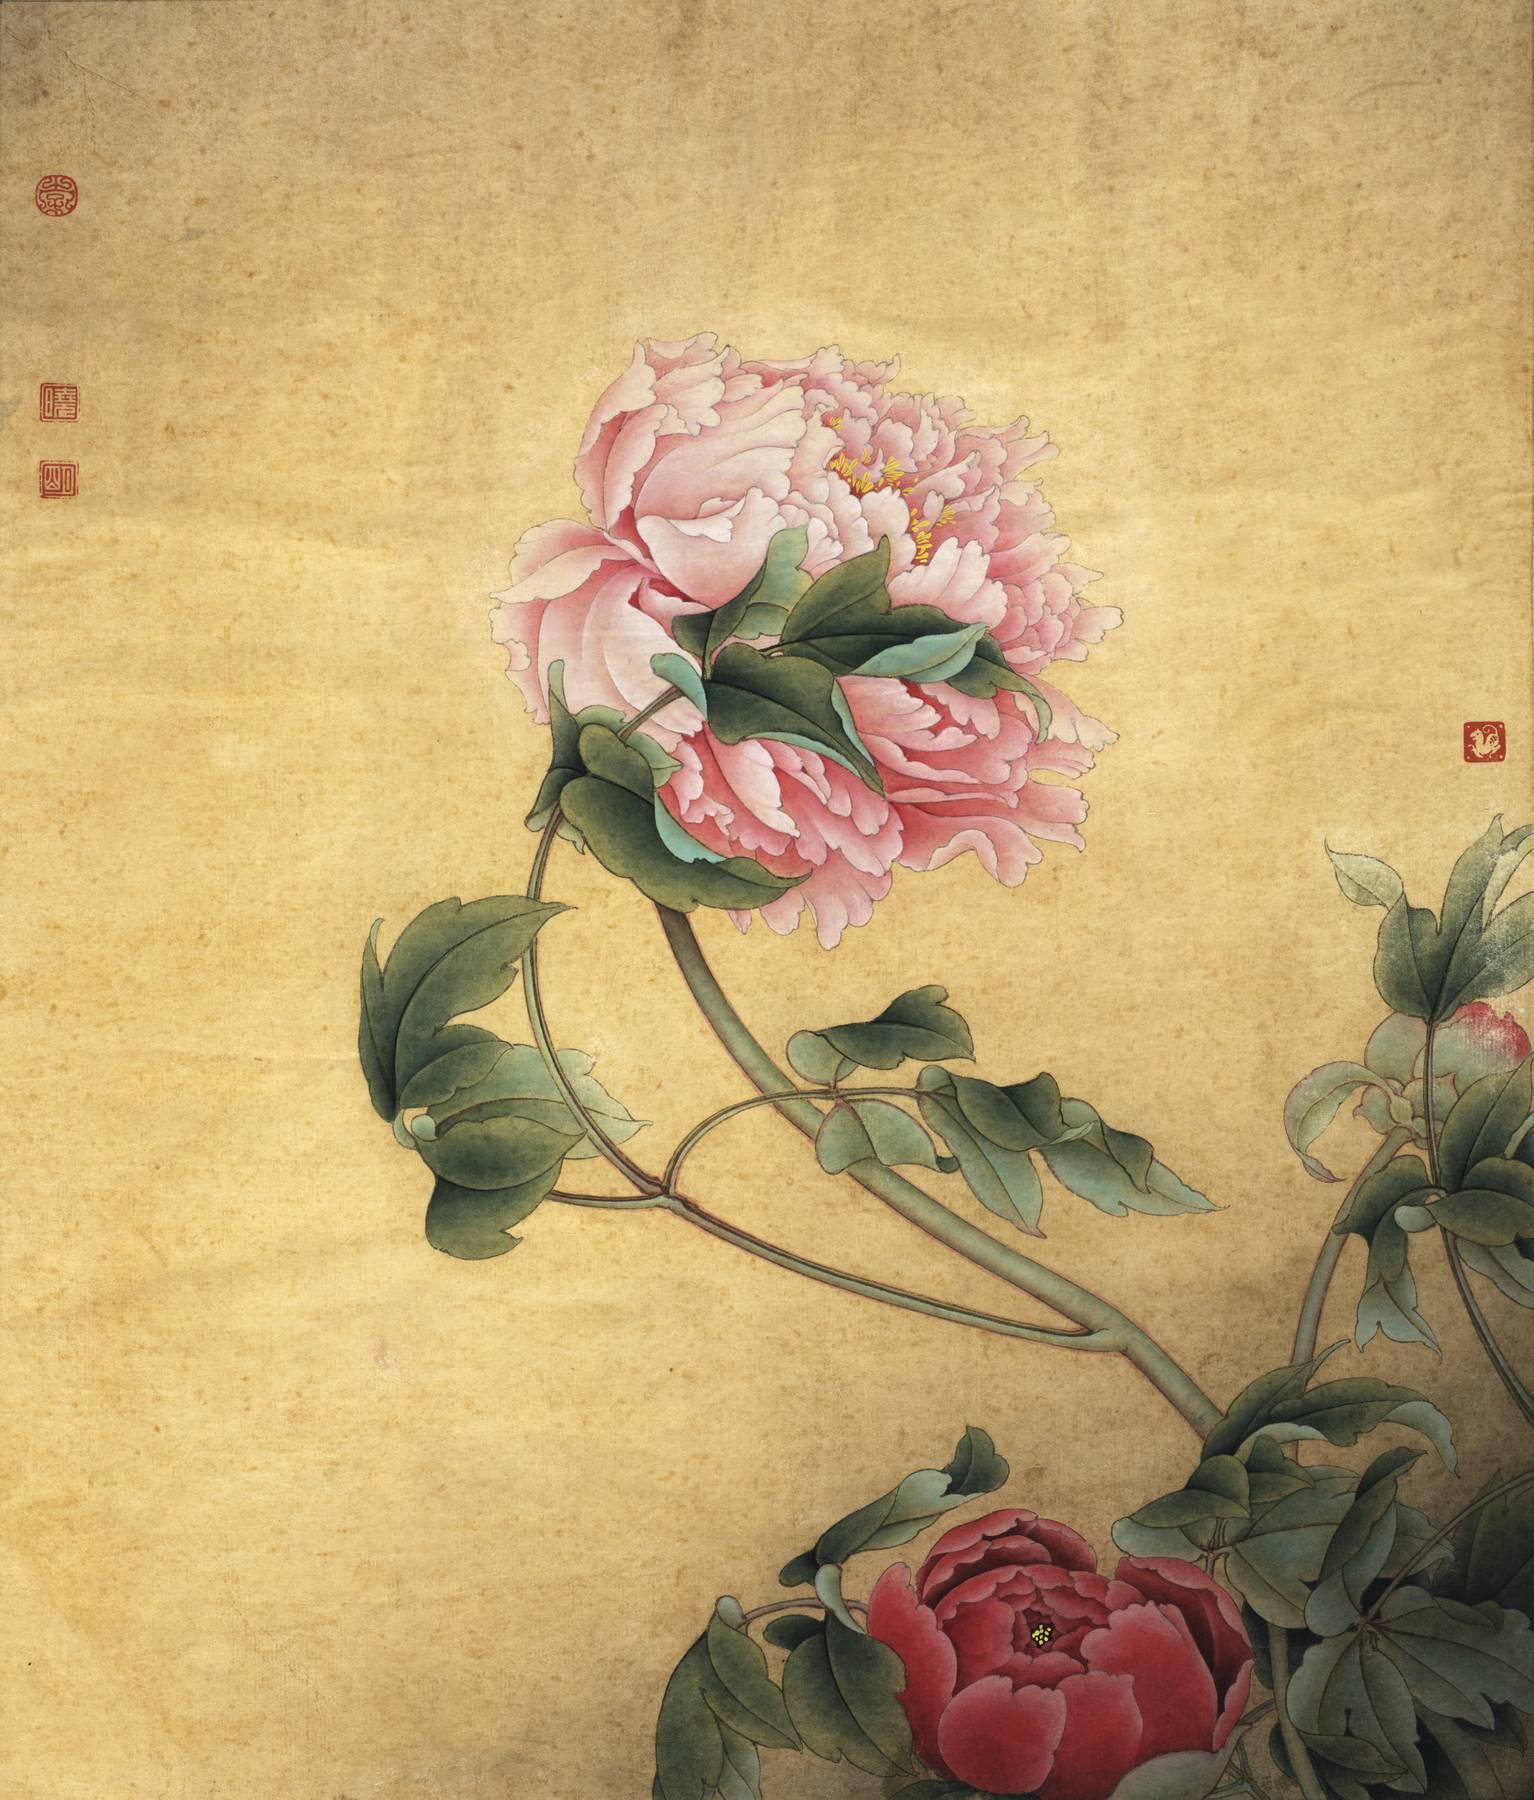 0015_李晓明牡丹工笔画高清图专辑JPG-国色双辉(构图拟郎世宁)_4429x5197PX_JPG_300DPI_7.2